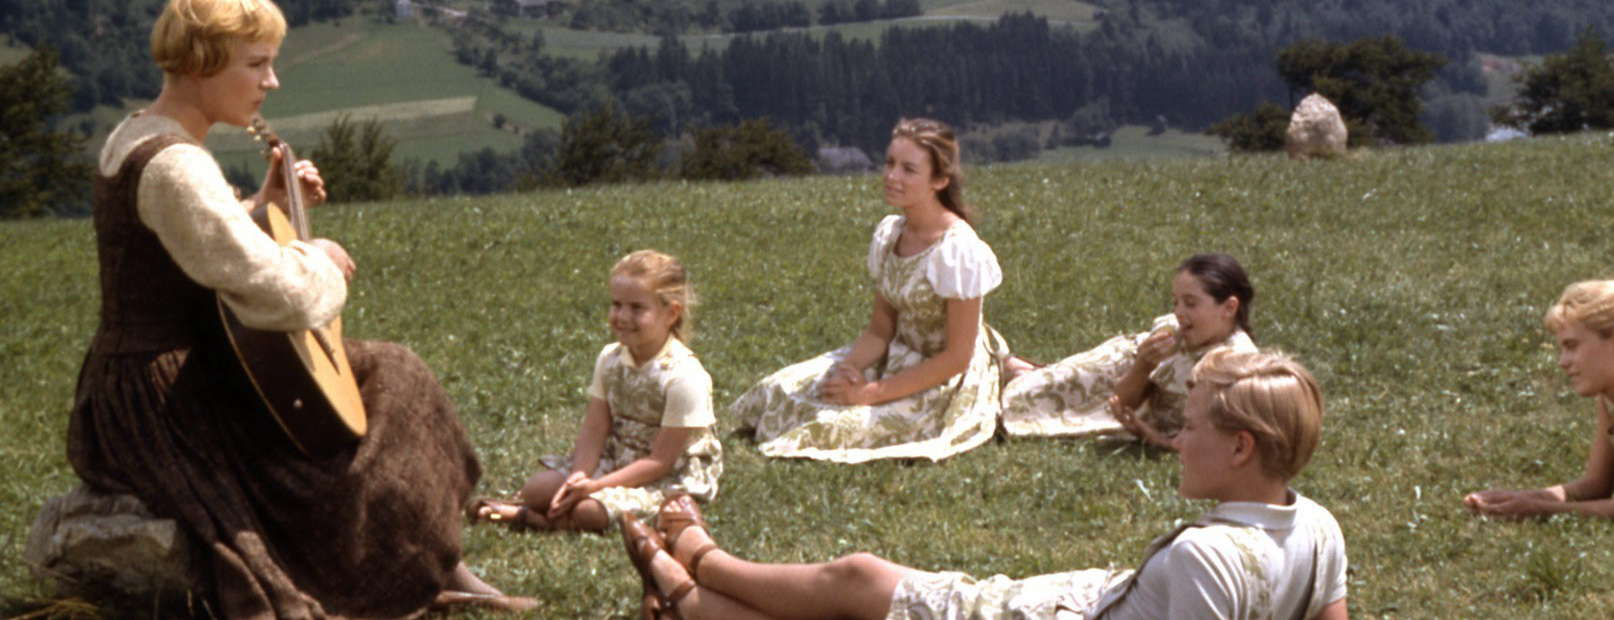 Sound of music - Julie Andrews med barnen - Upptäck Österrike och Salzburg med Austria Travel